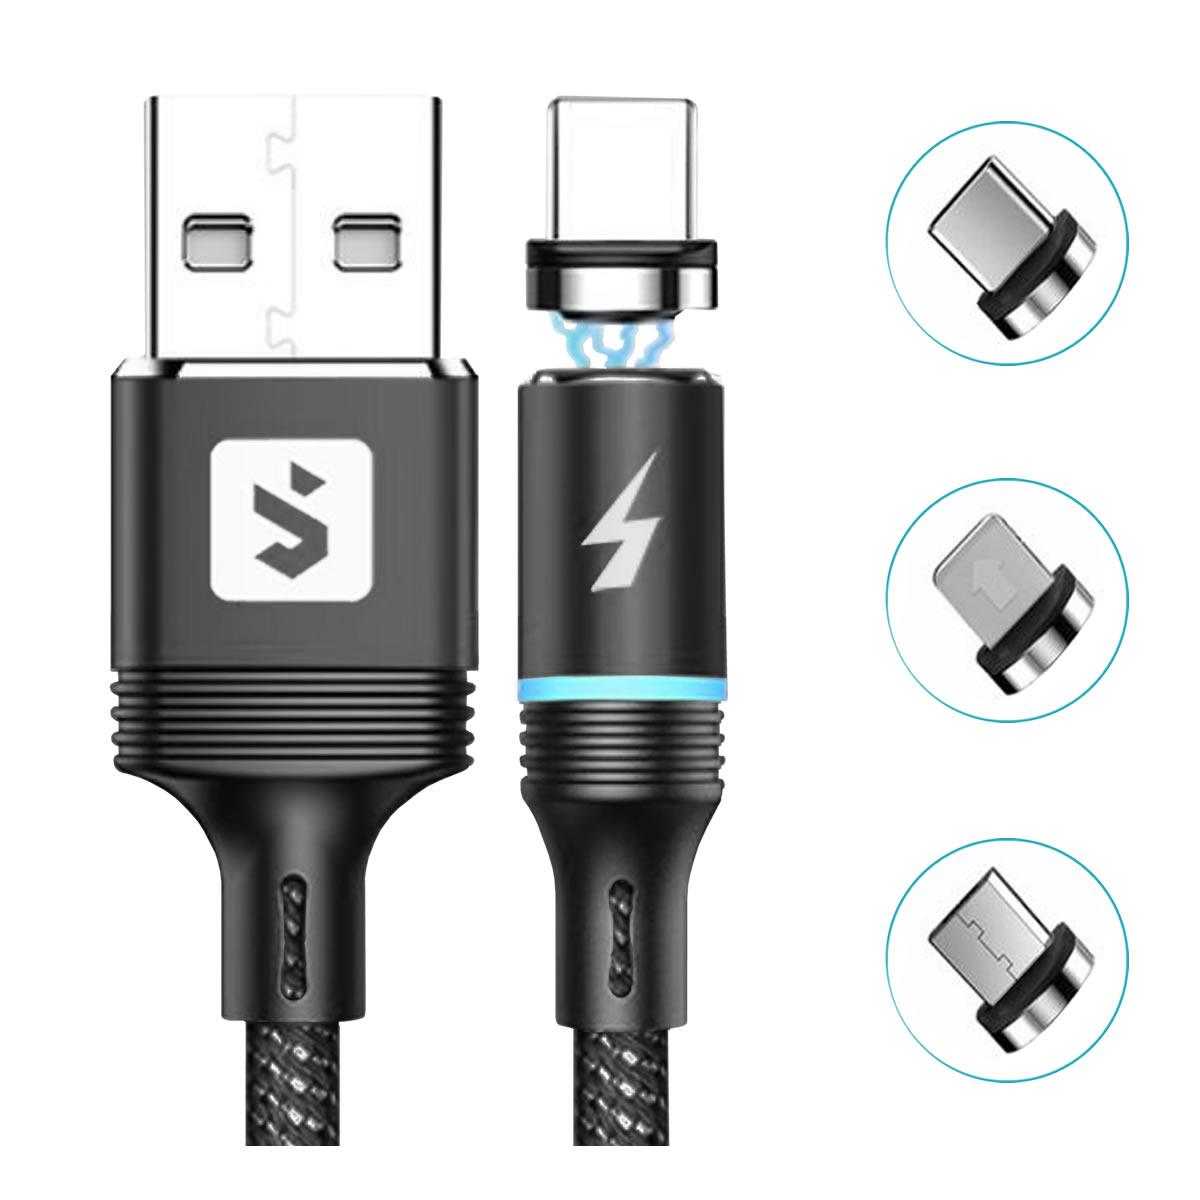 Cabo para Celular 3 em 1 com Conectores Magnéticos Micro USB V8 + USB Tipo C + Lightning 2.4A 1 metro SX-B16-3 Preto